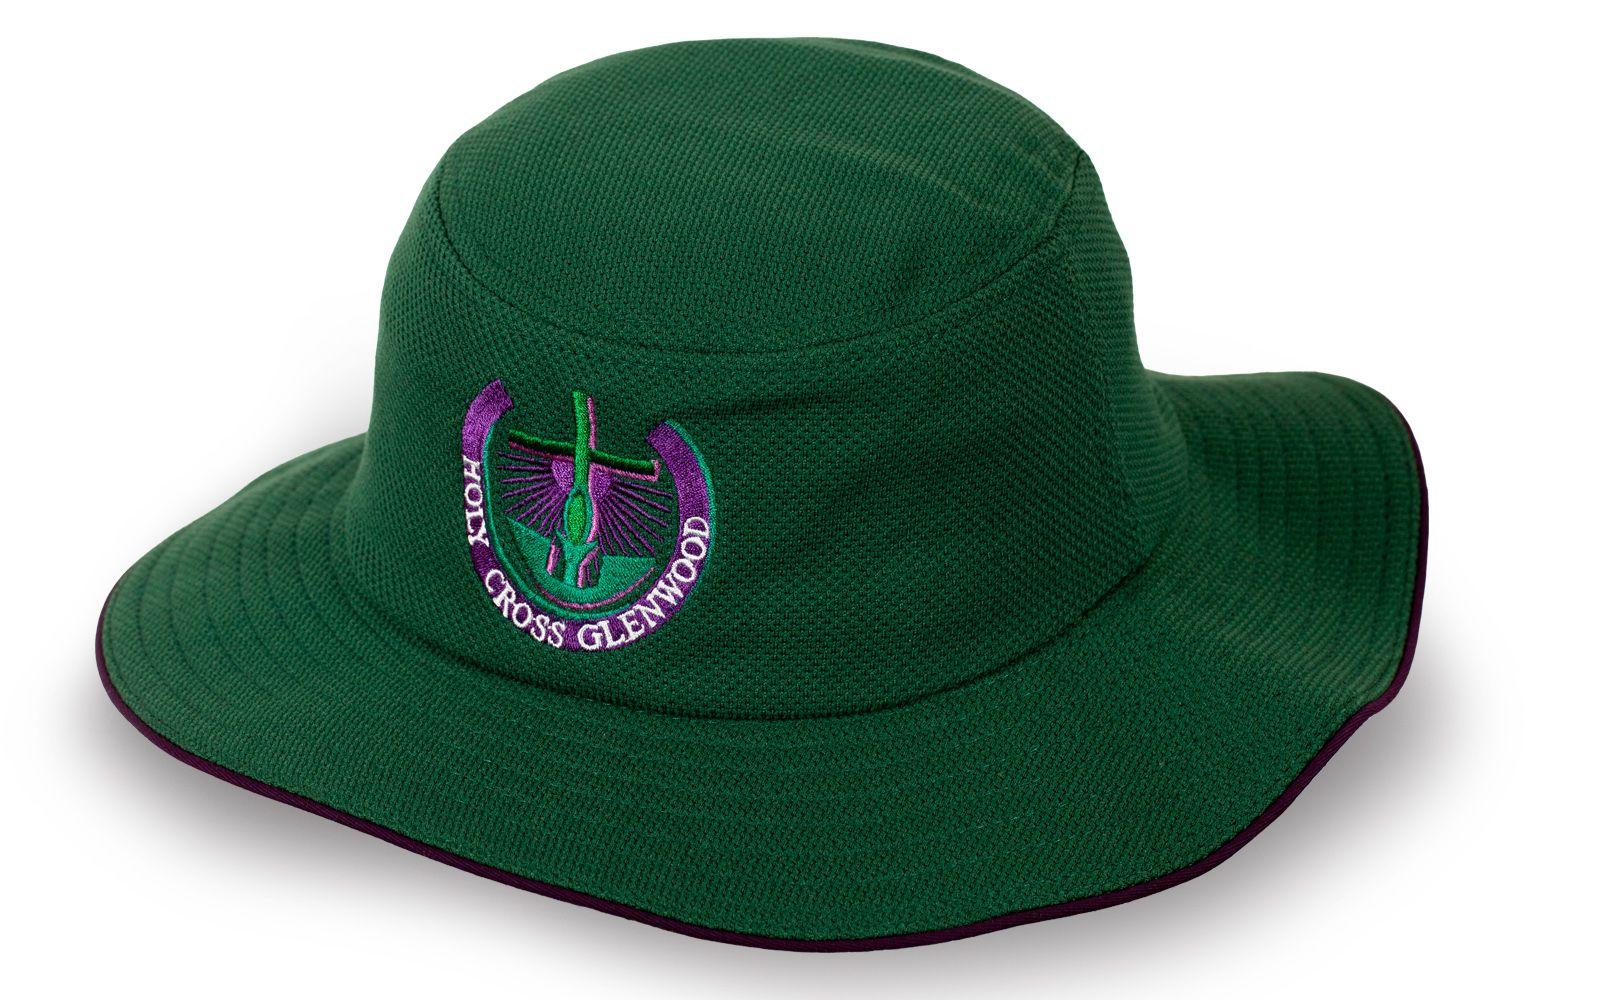 Удобная шляпа для турпохода - купить по низкой цене